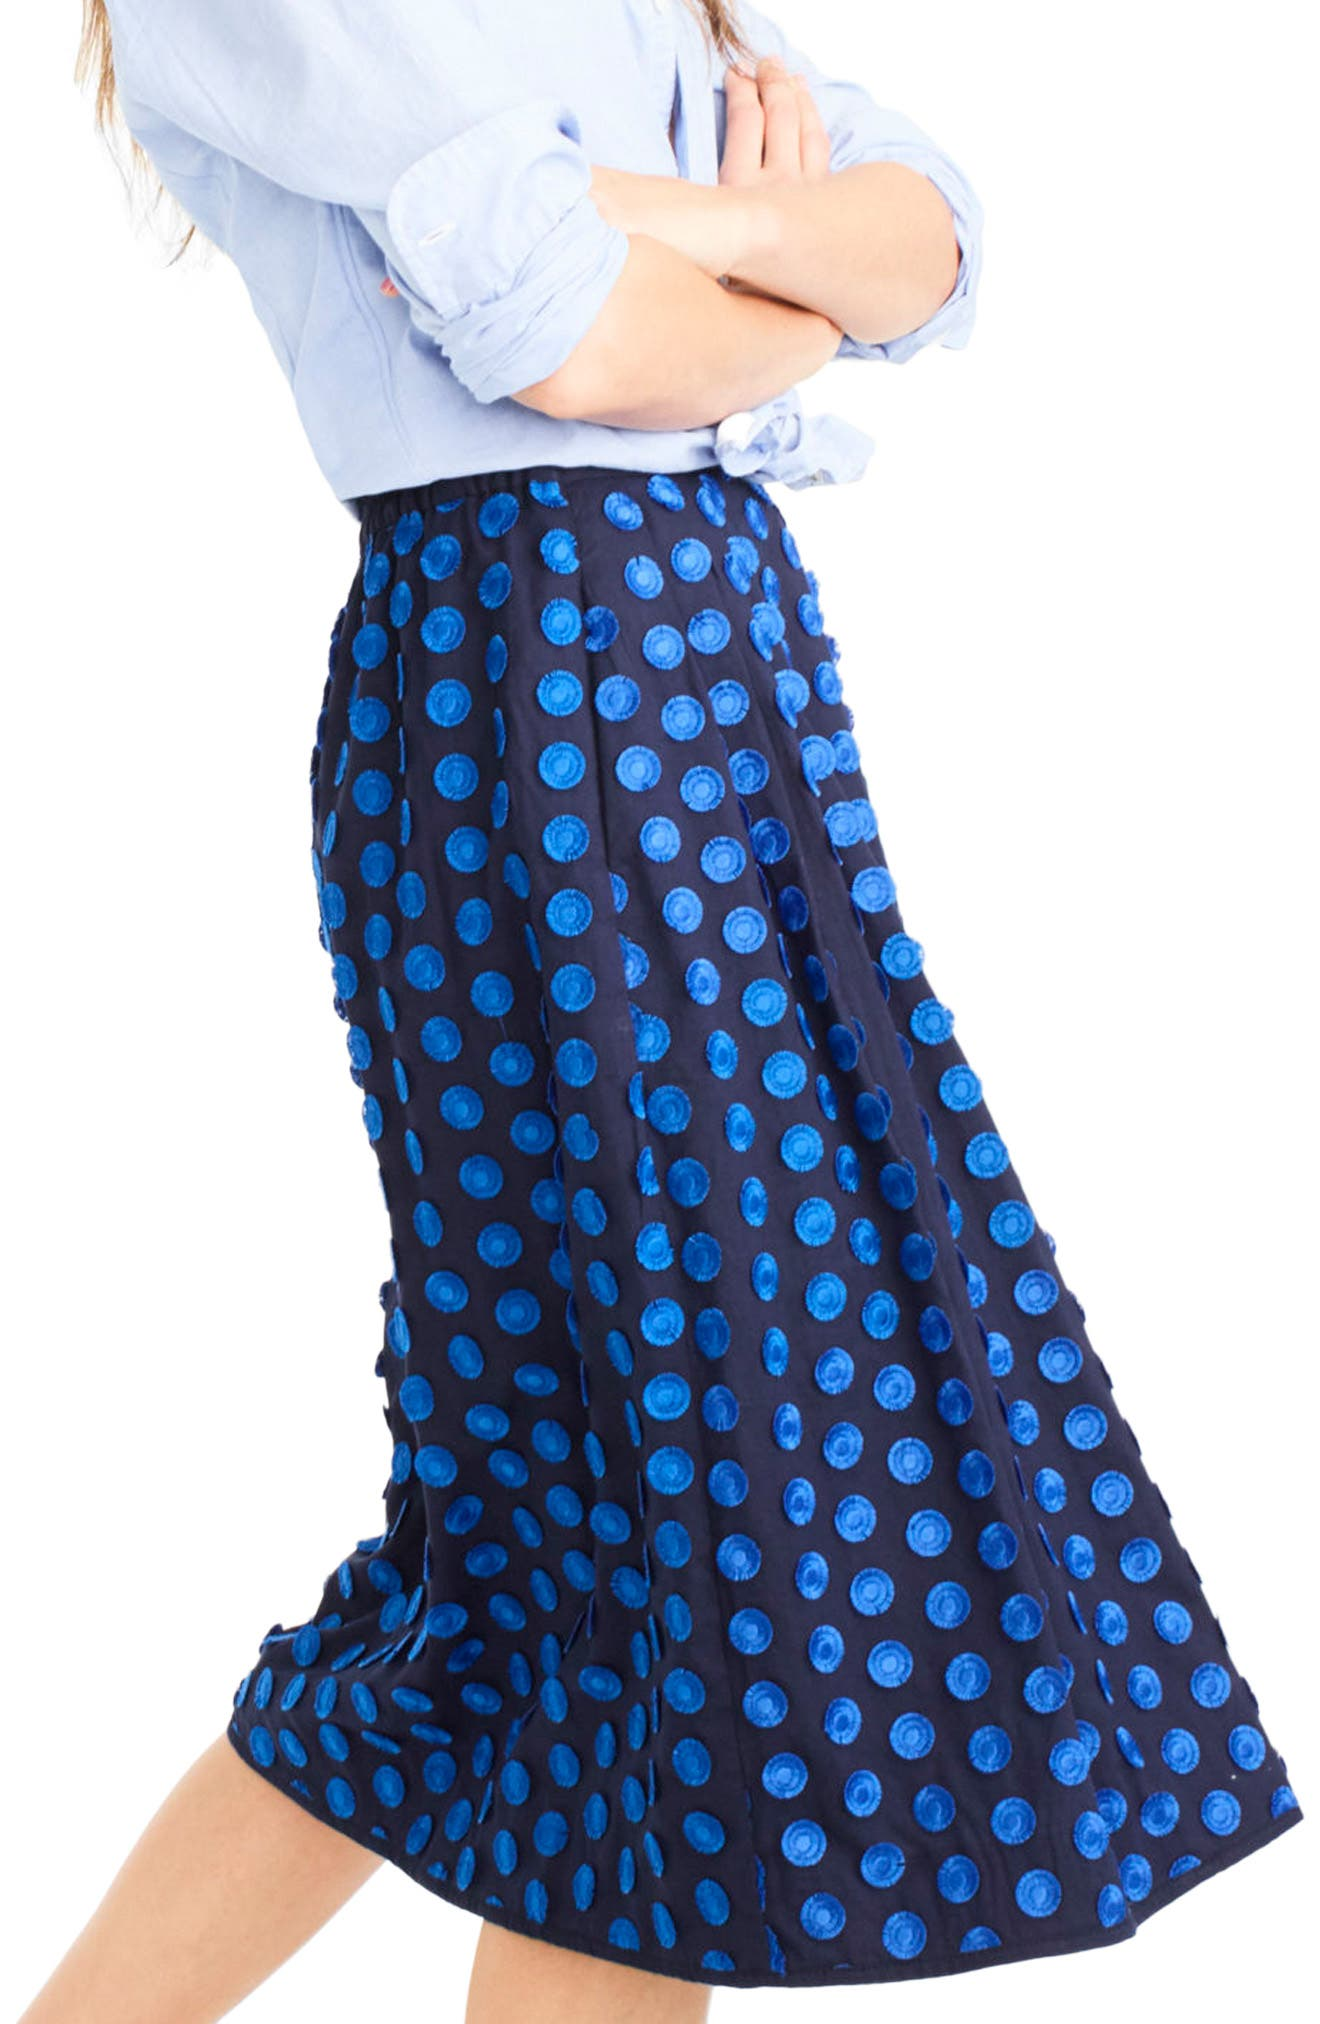 Alternate Image 1 Selected - J.Crew Fringe Dot Midi Skirt (Regular & Petite)